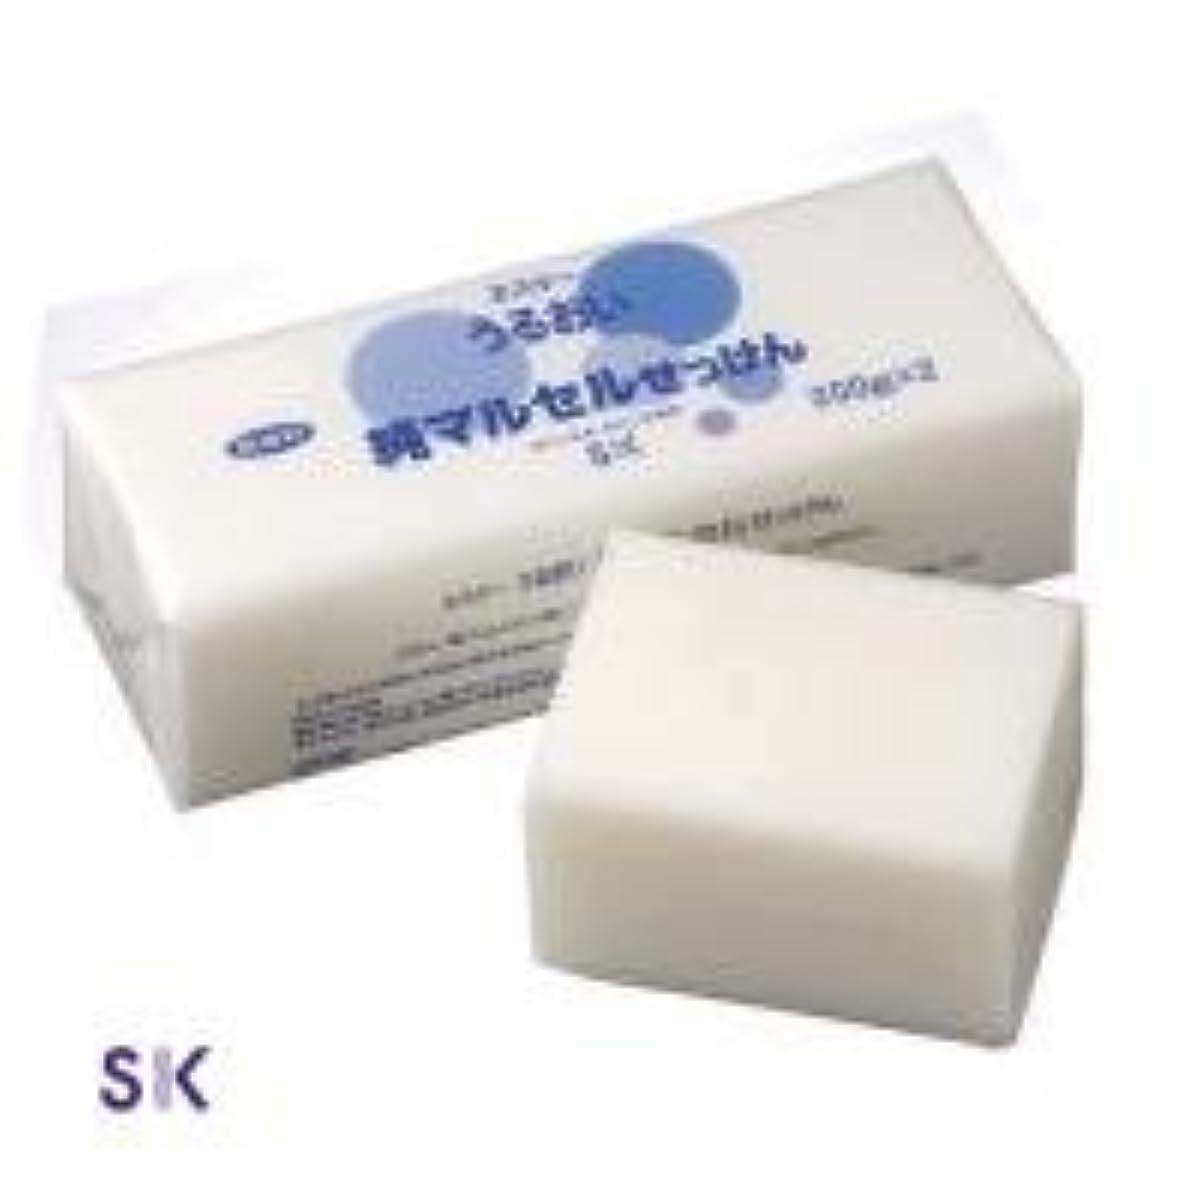 次へ気まぐれな斧エスケー石鹸 うるおいシリーズ 純マルセルせっけん (200g×2個)×24 0799490